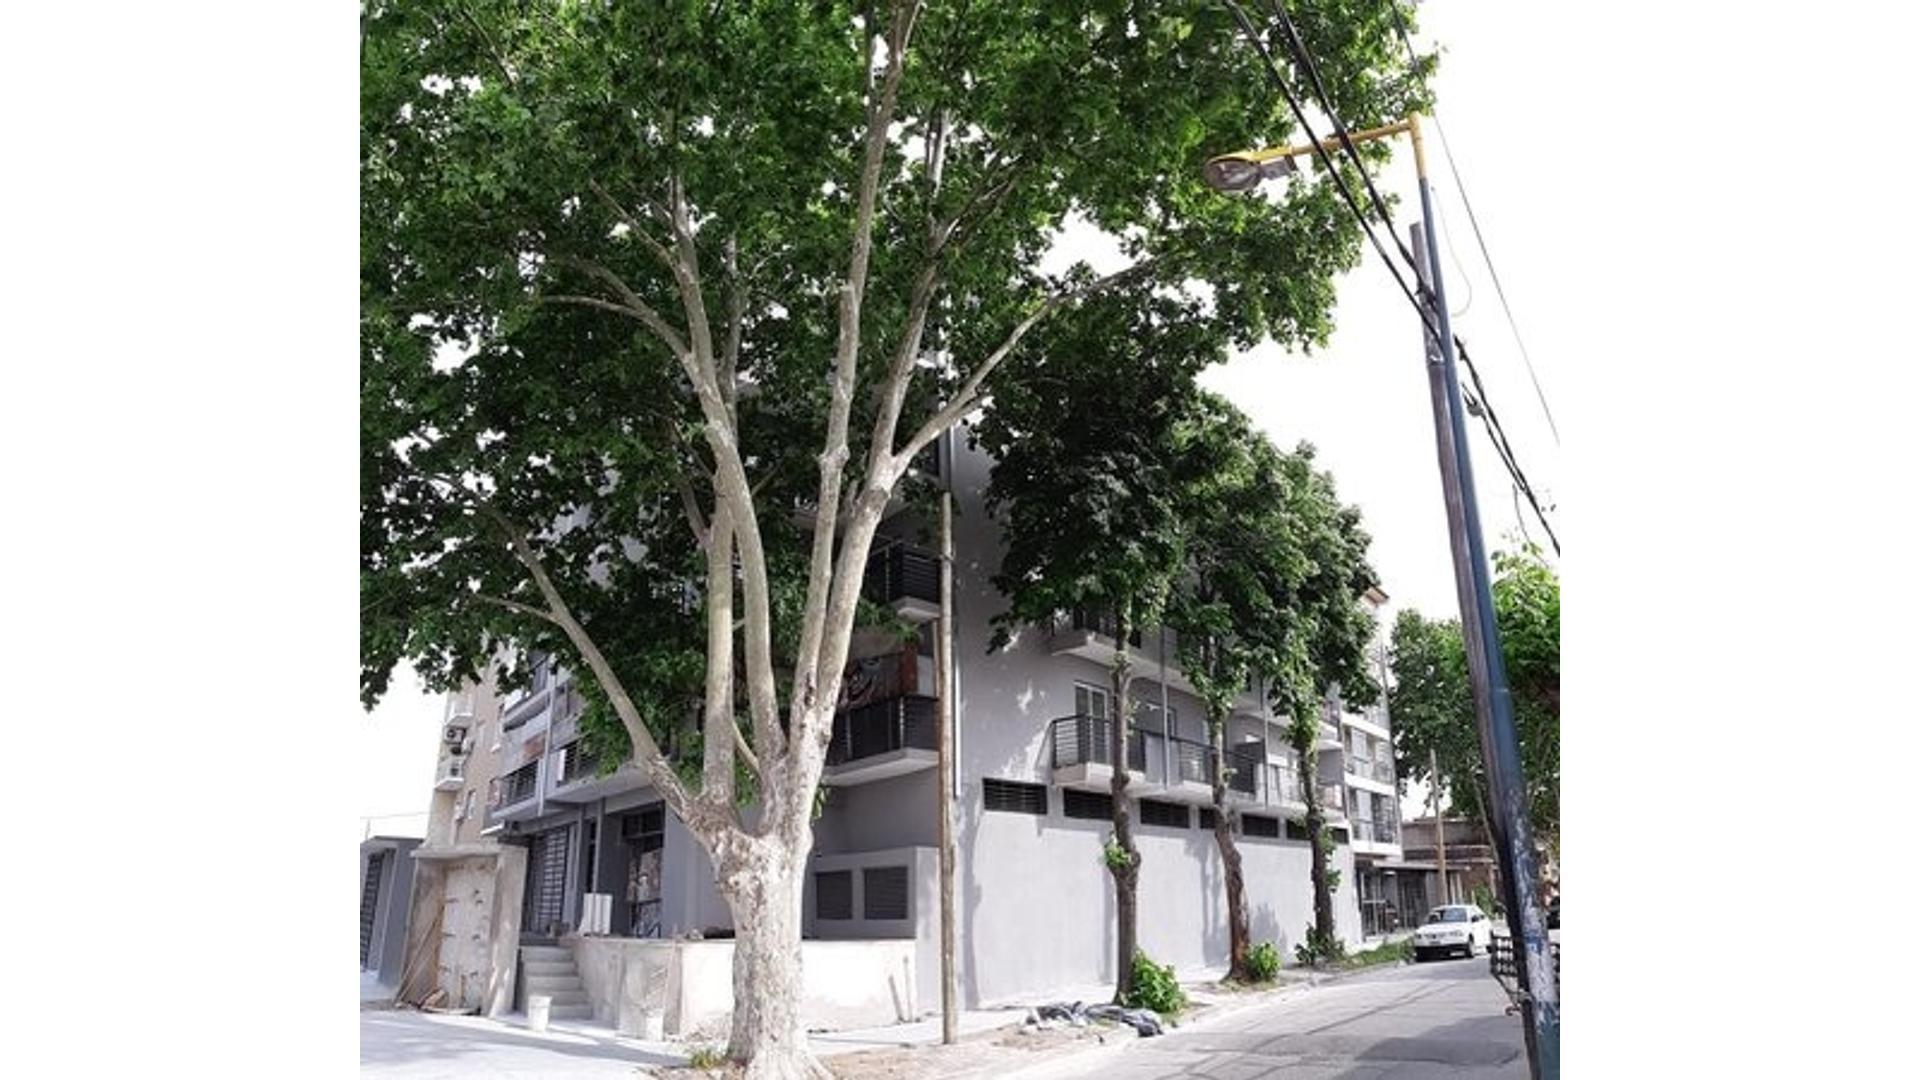 Calle 85 4800 - U$D 14.900 - Cochera en Venta